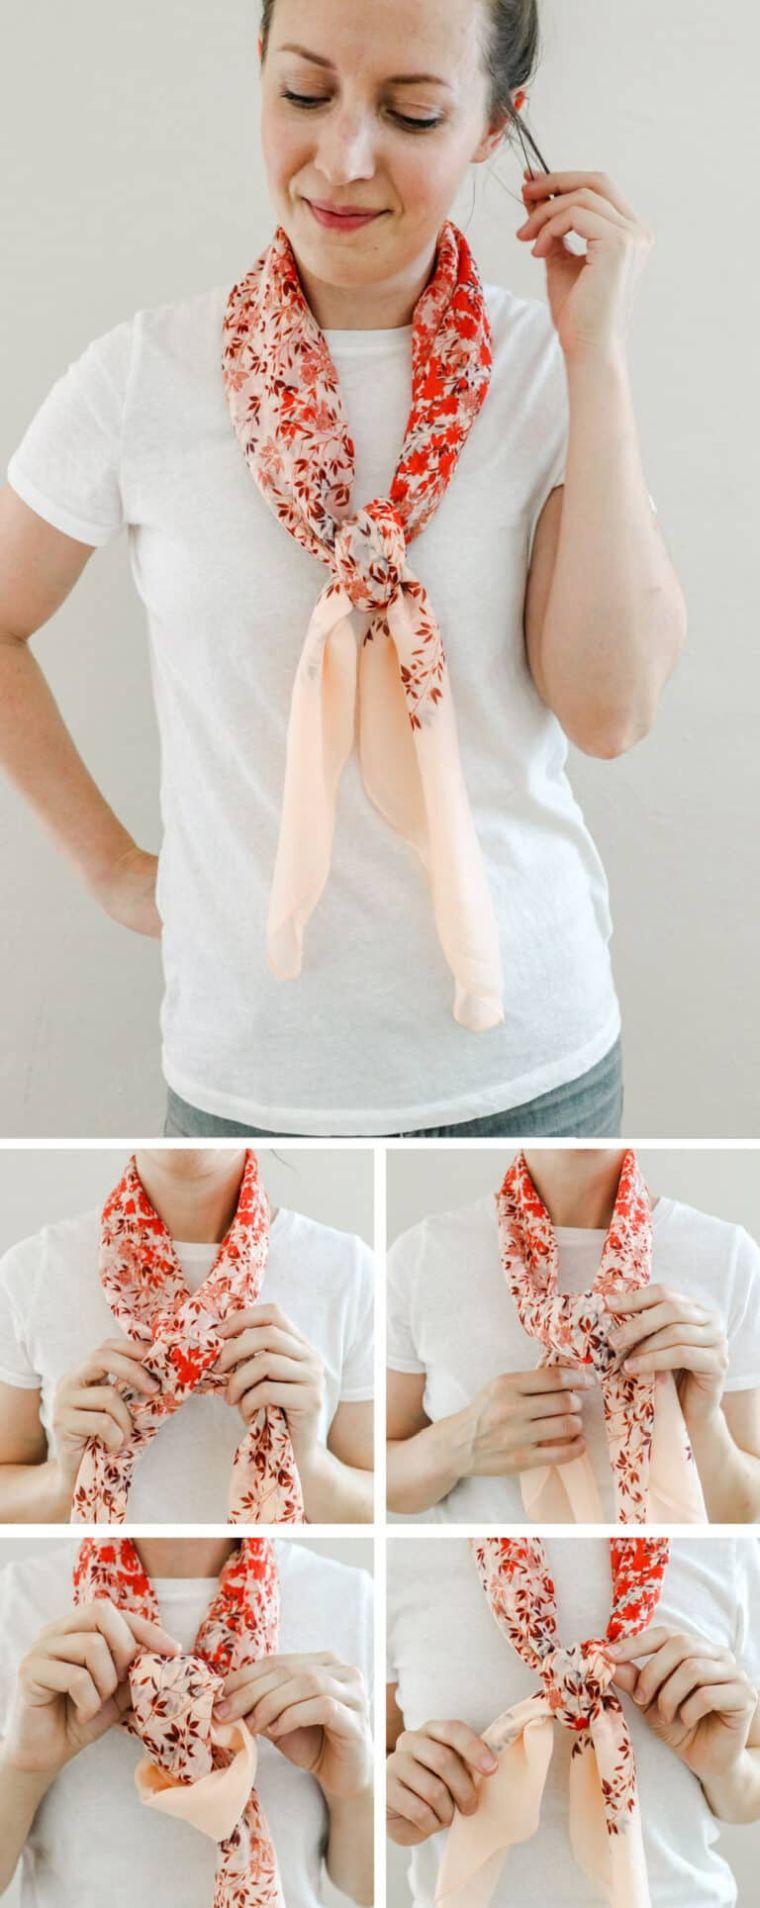 façons de porter une écharpe cravate